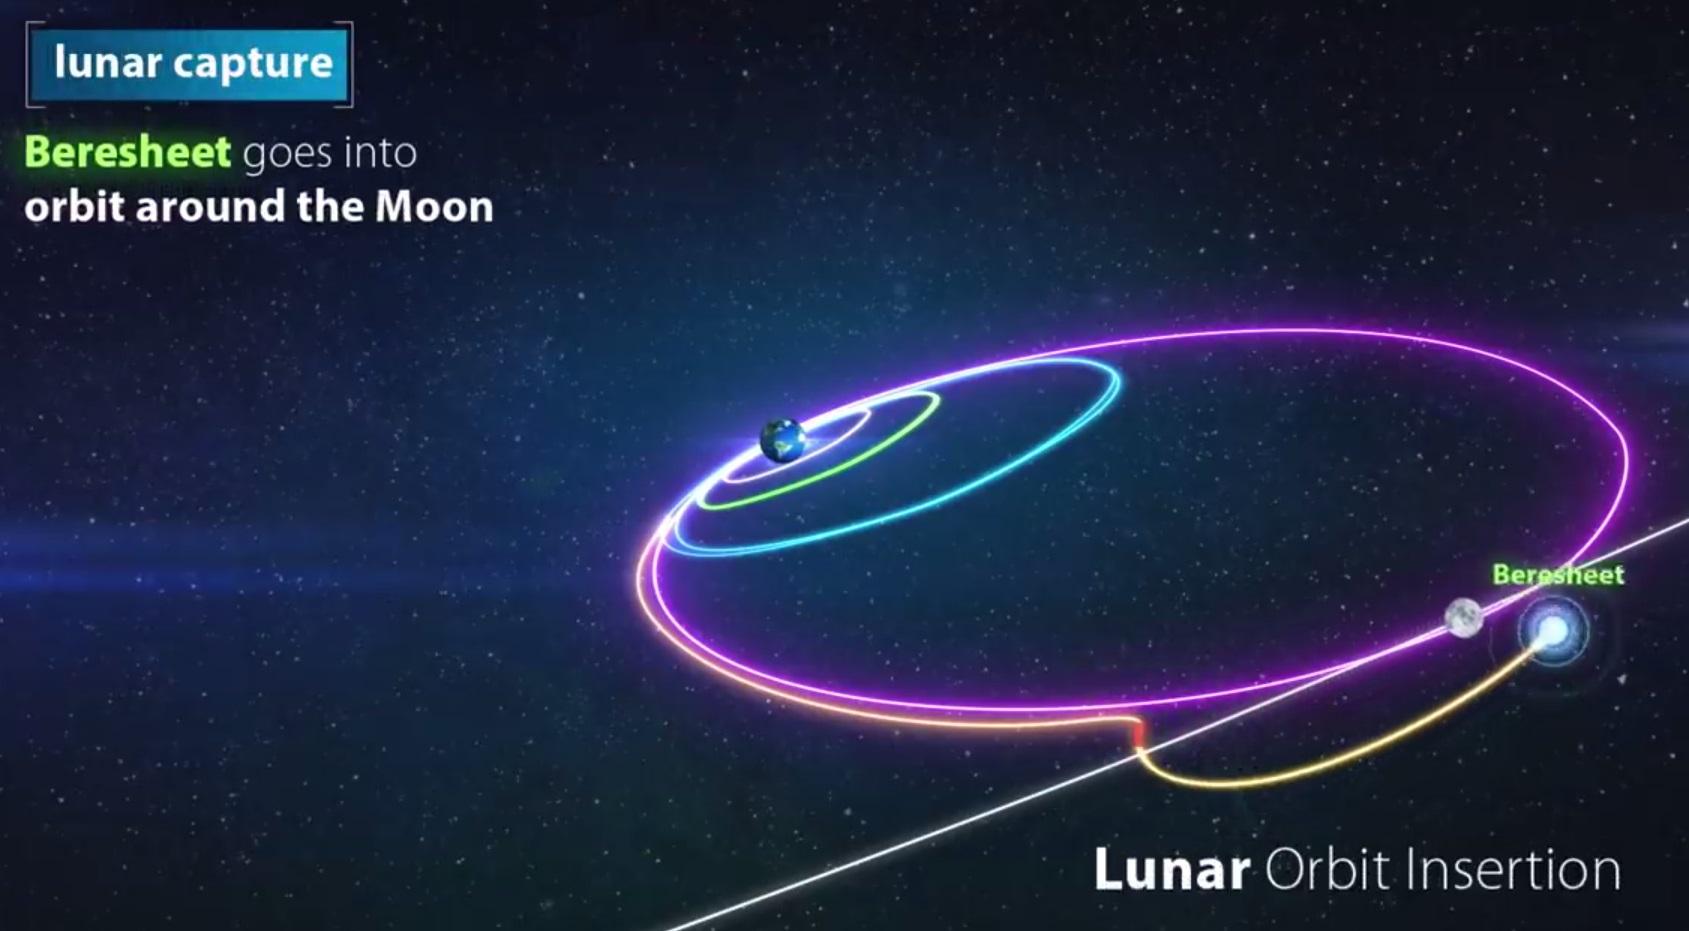 Лунная миссия «Берешит» – характеристики аппарата, серия маневров и самый длинный путь на Луну - 20